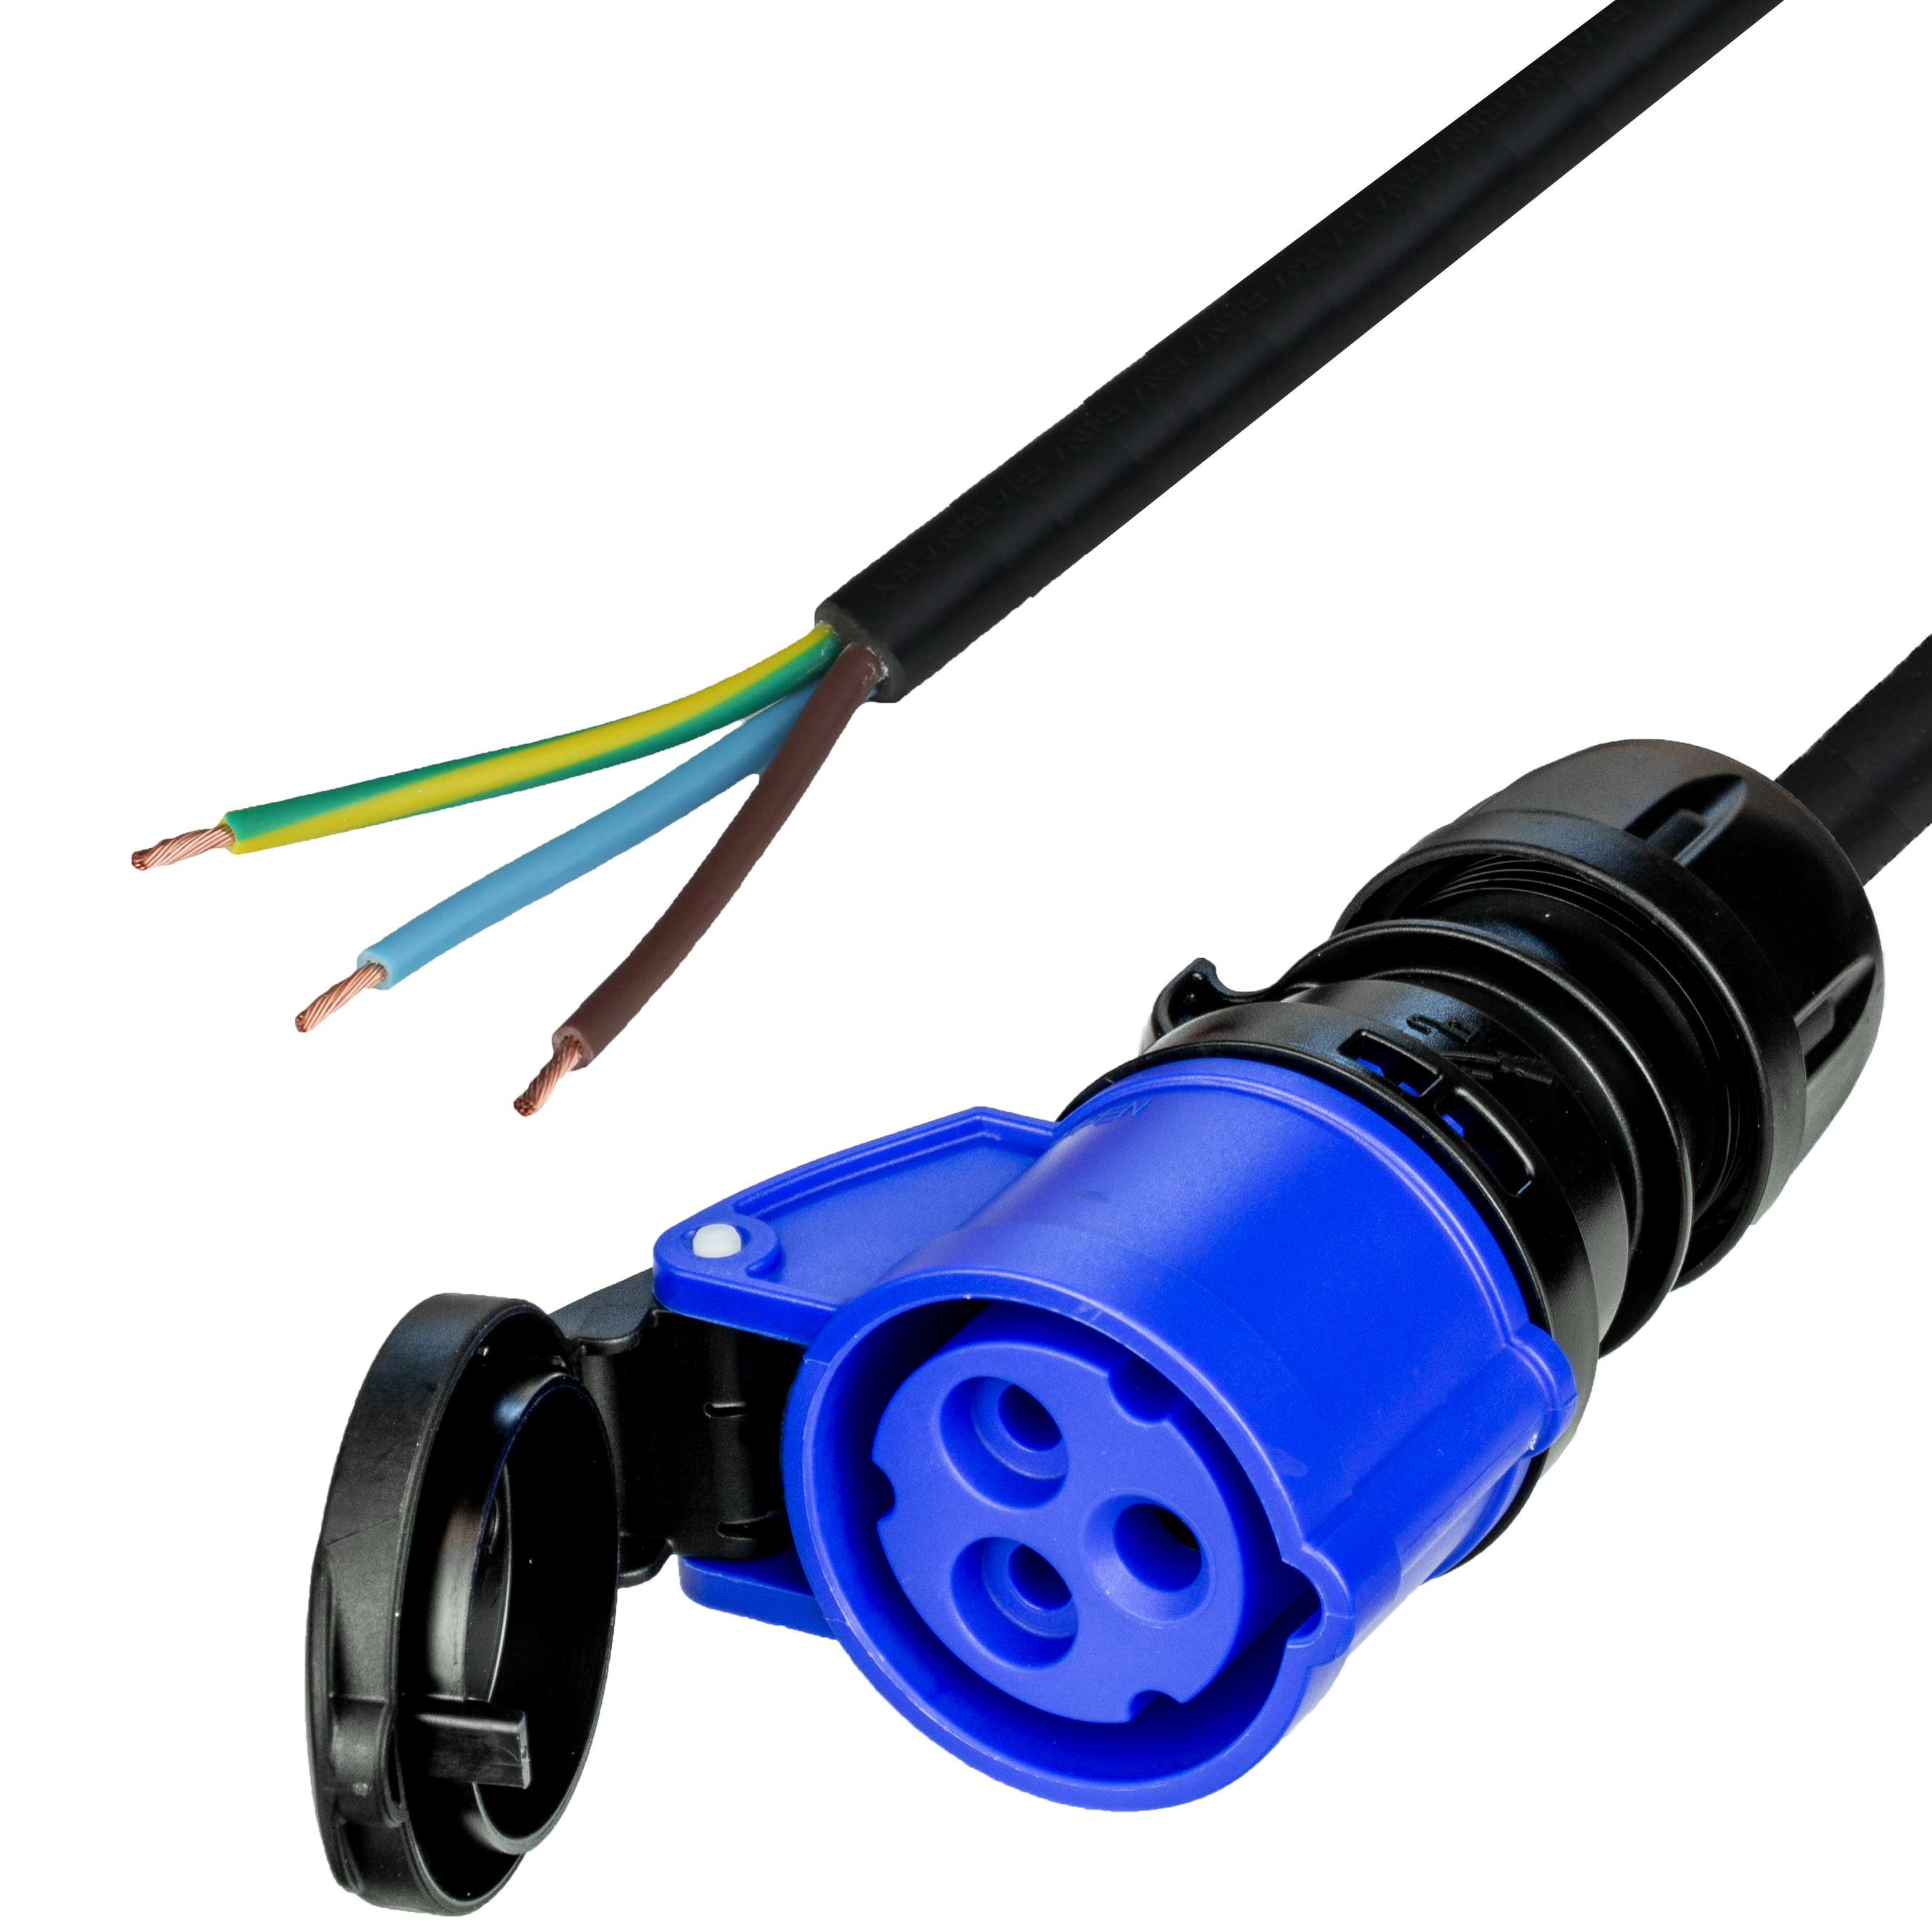 4m (13FT) IEC60309 6H 2P+E BLUE CONNECTOR (FEMALE) to OPEN 1.5mm2 LSZH BLACK Cordage